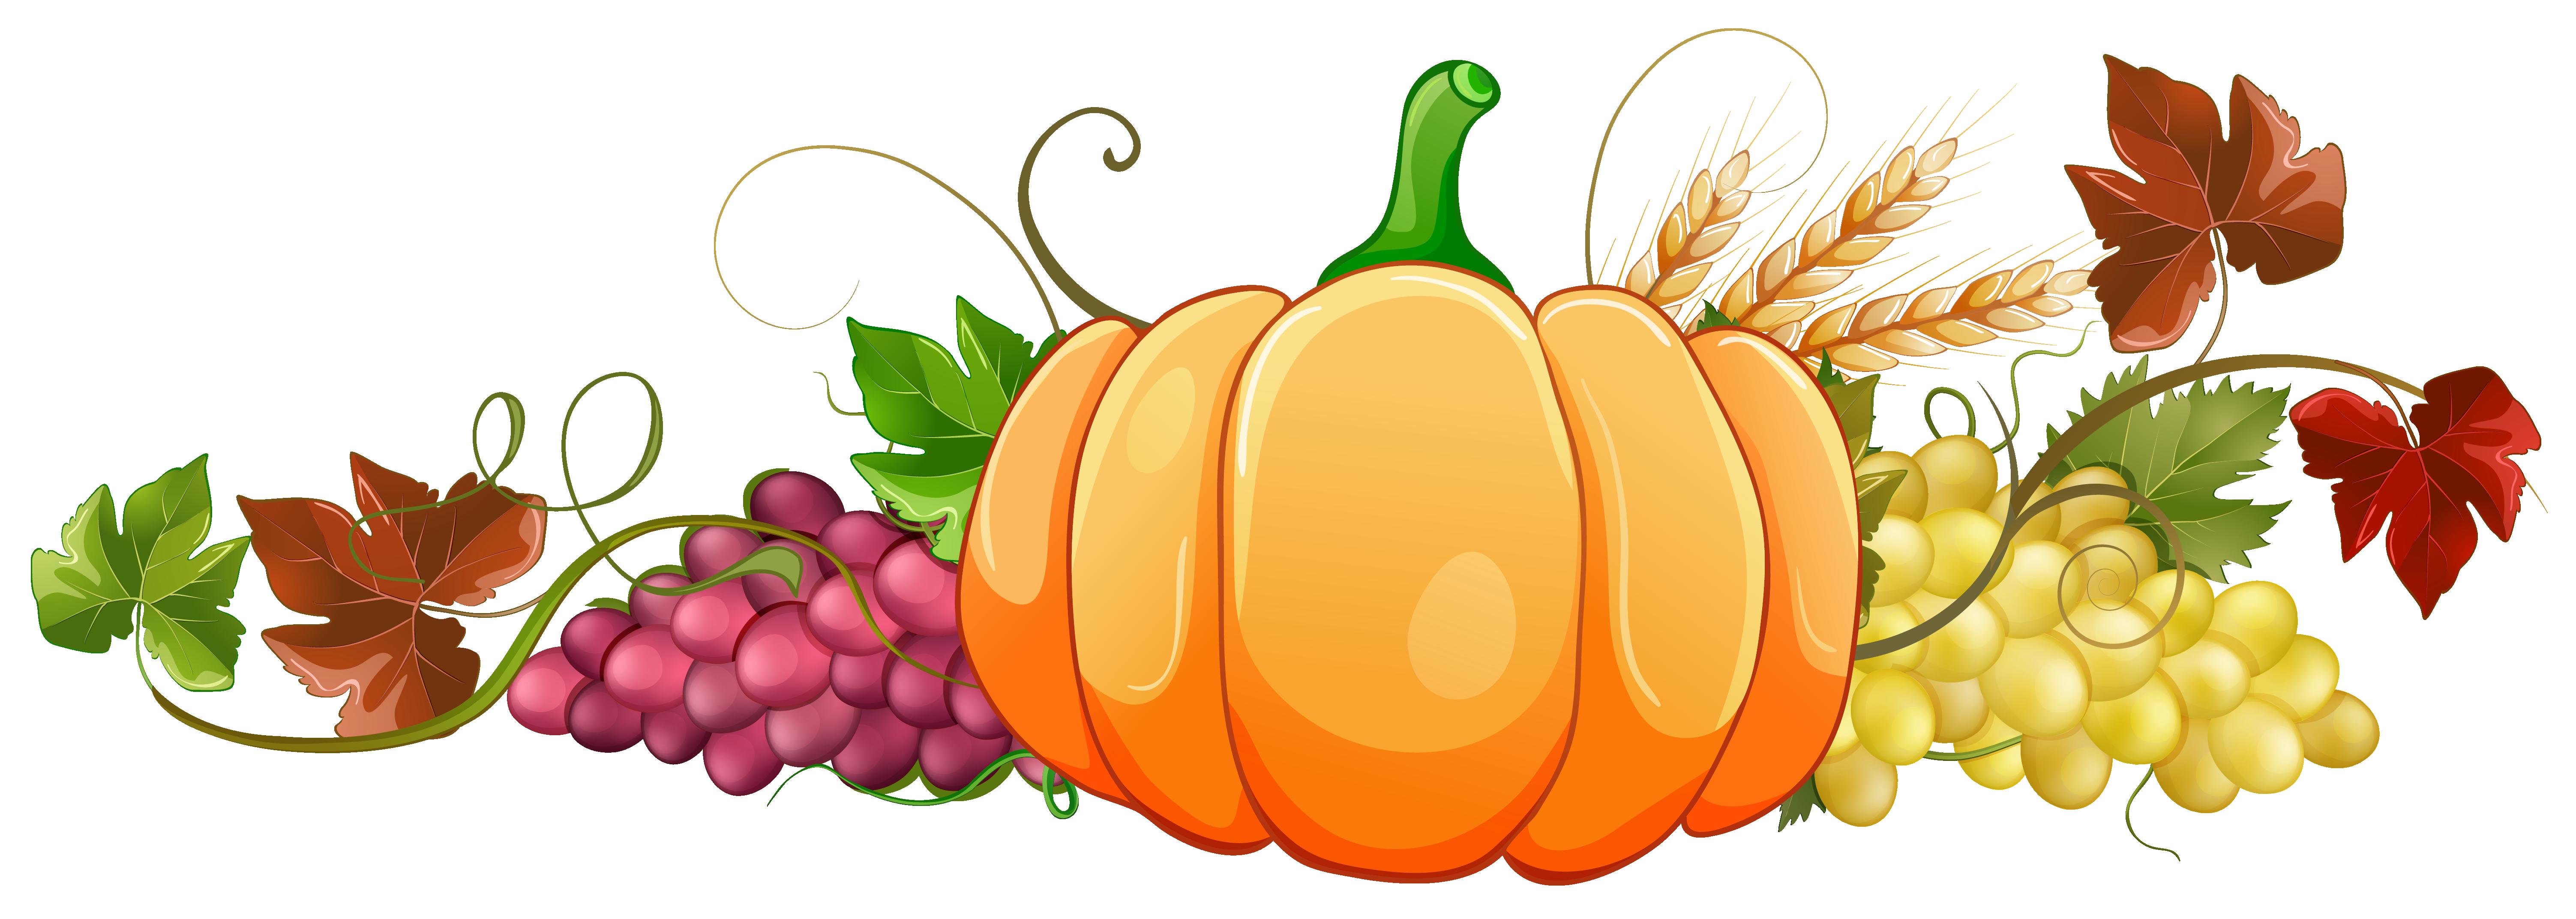 image free Grapes clipart autumn fruit. Pumpkin decor png image